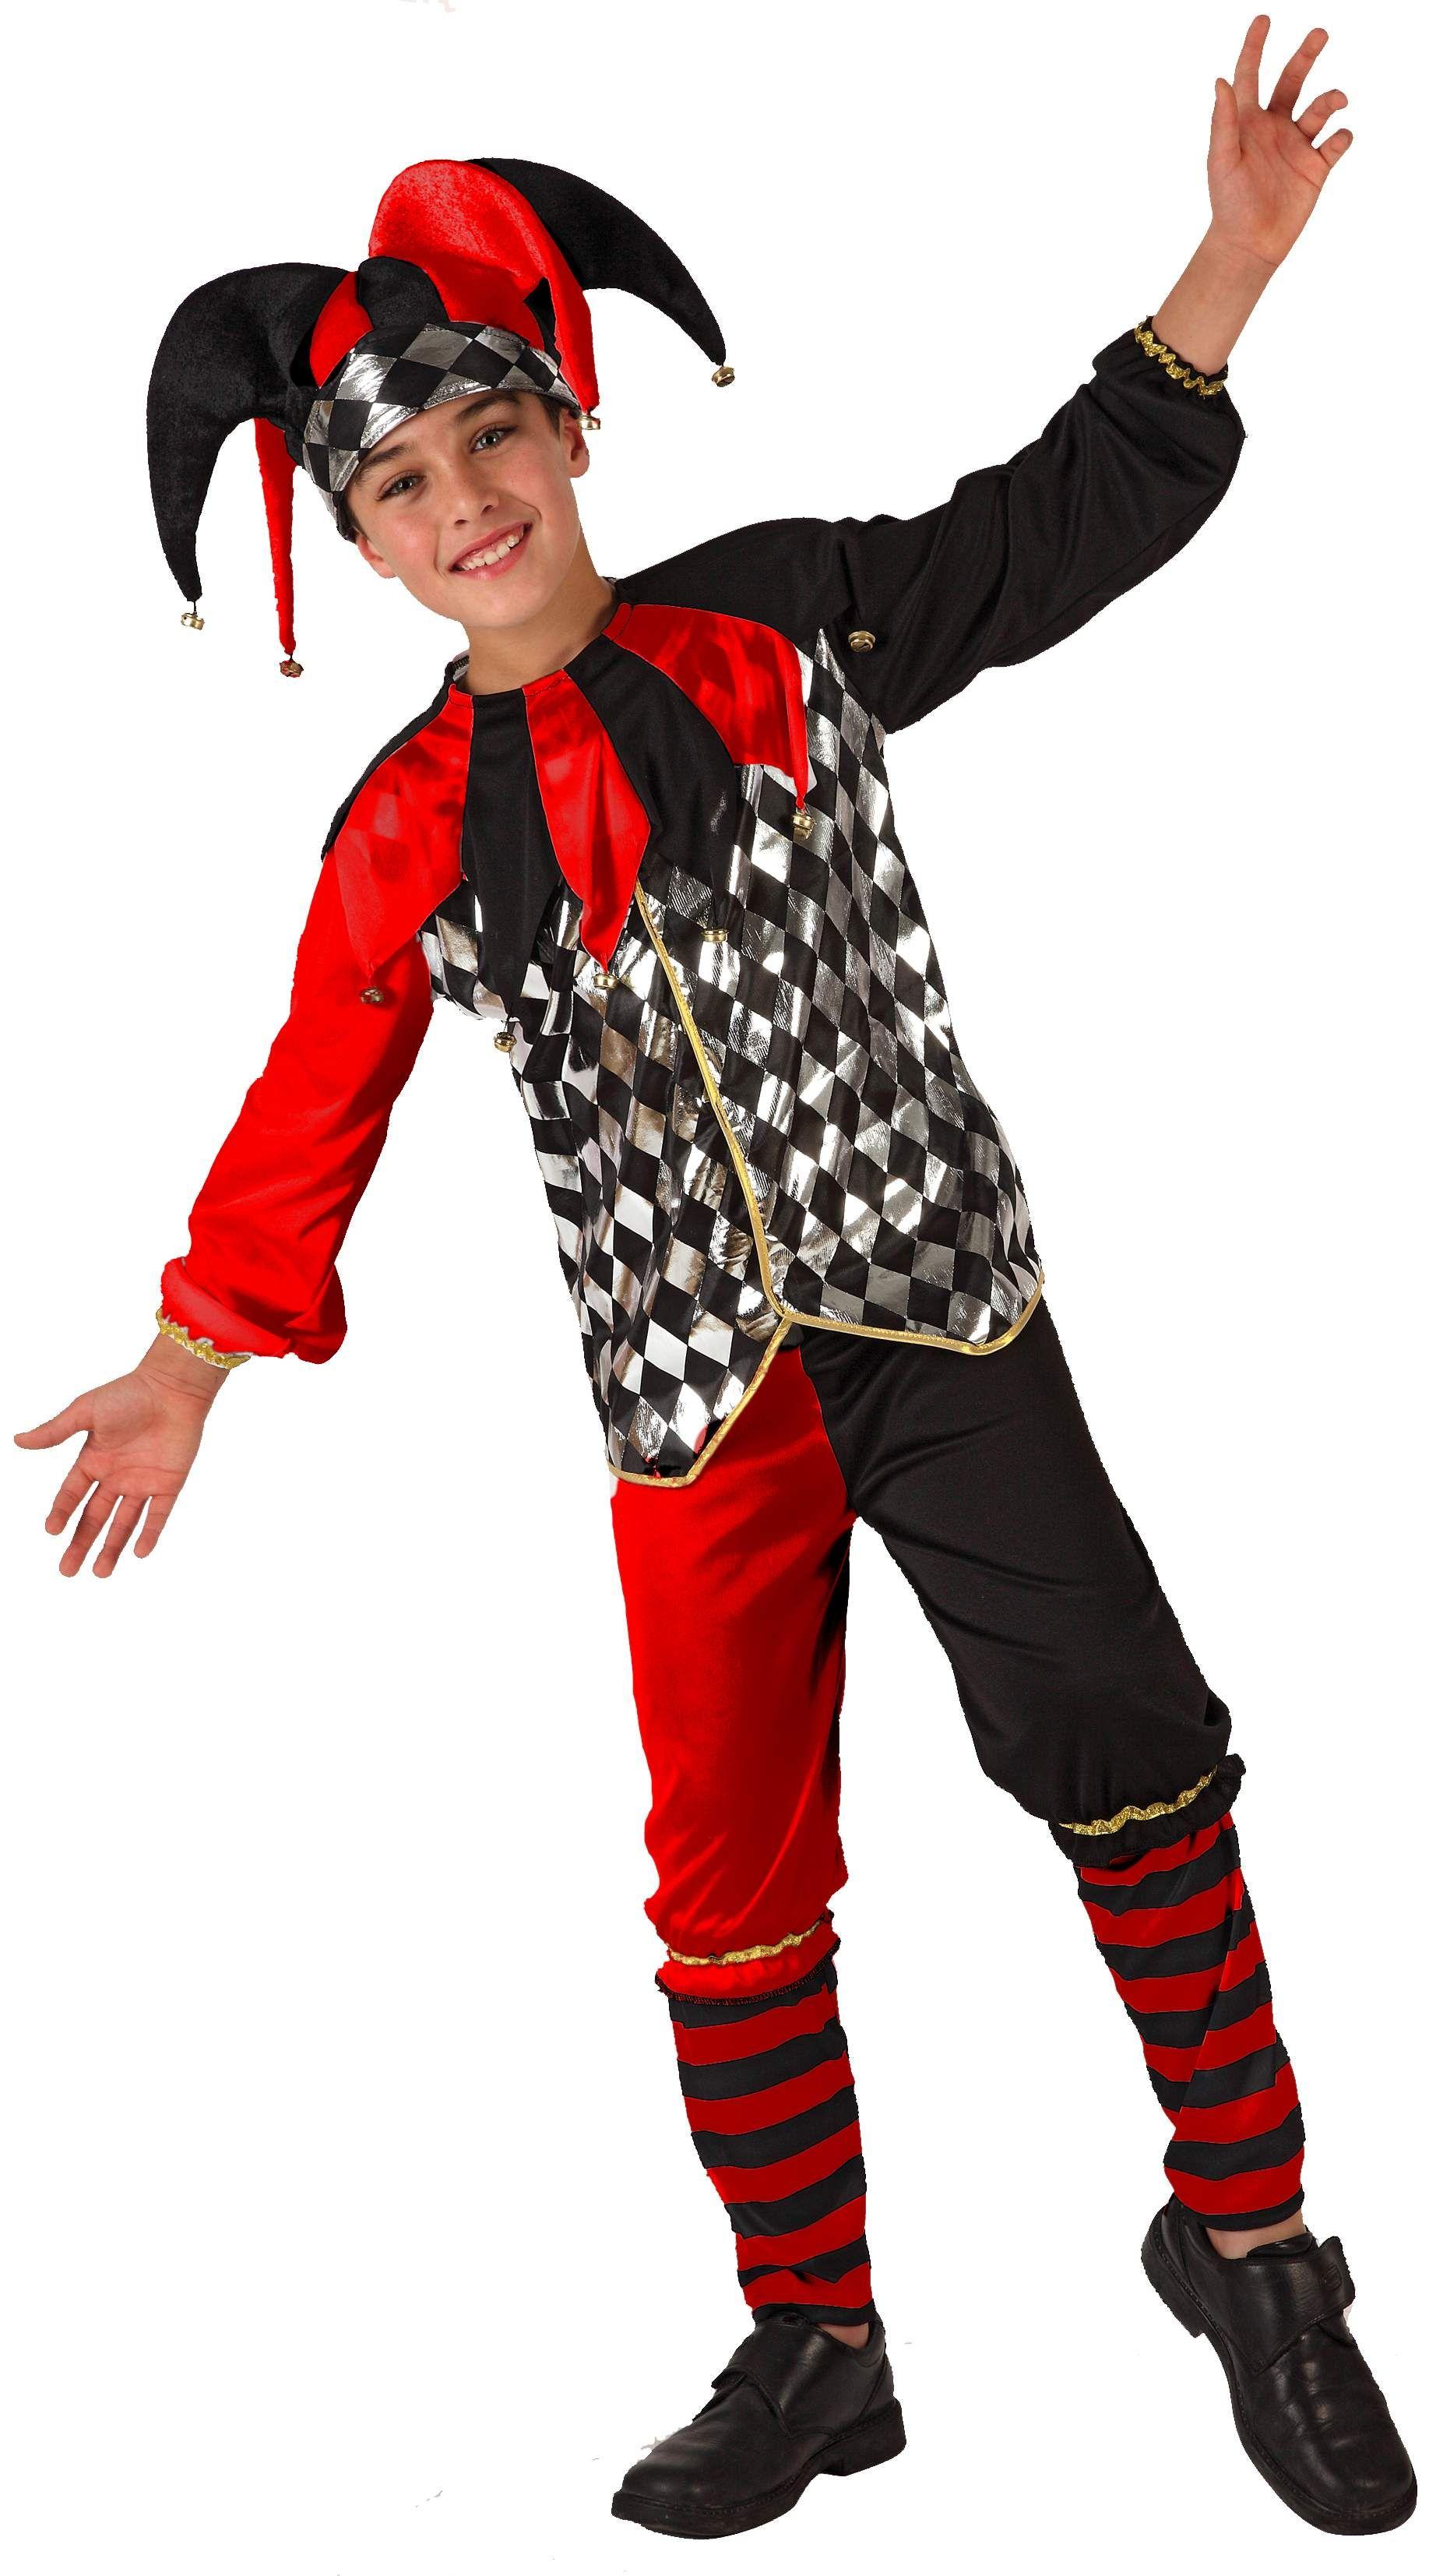 костюм арлекин картинка годы самые